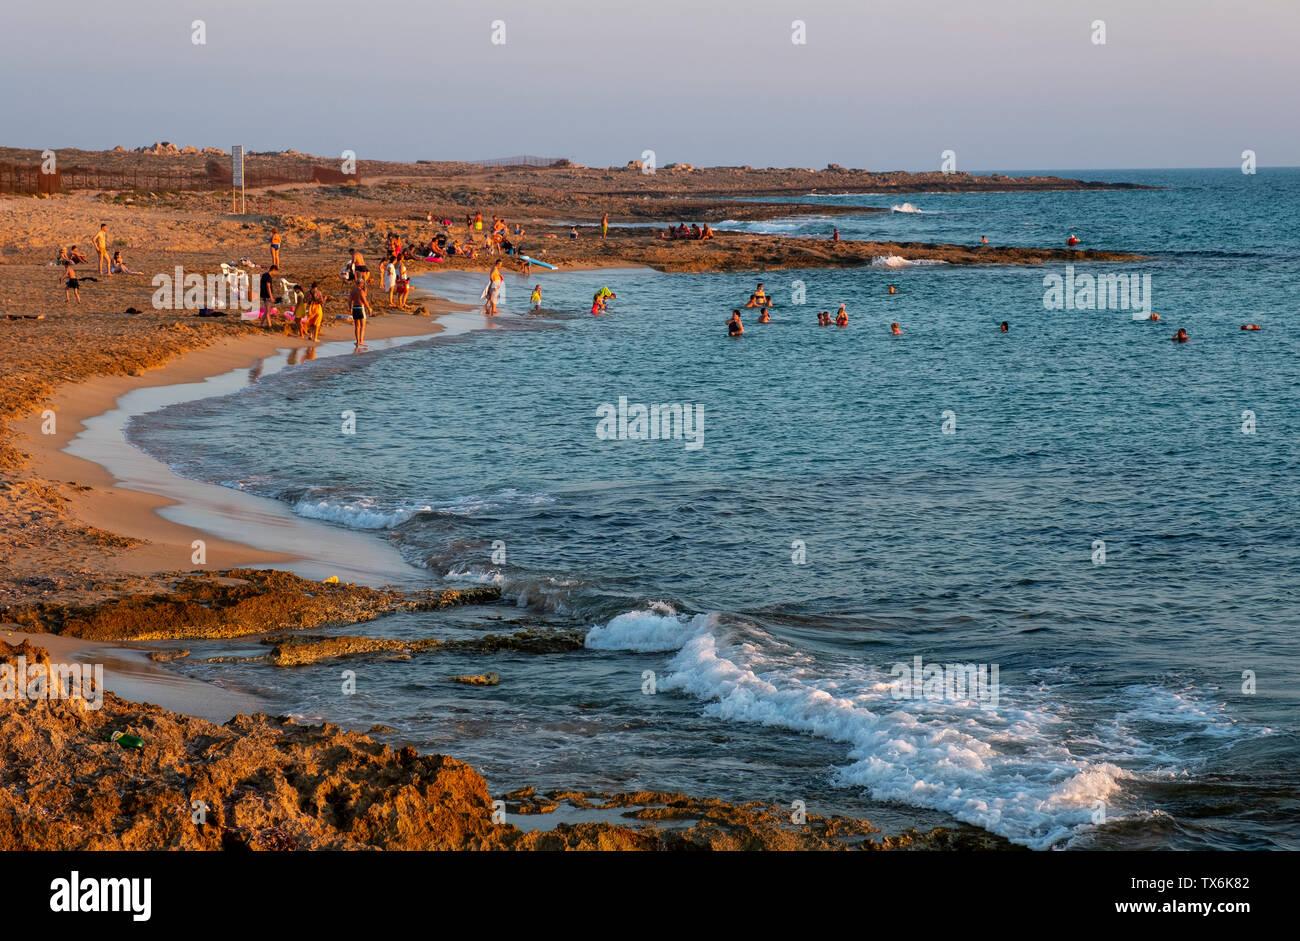 Venus beach, Paphos, Cyprus - Stock Image